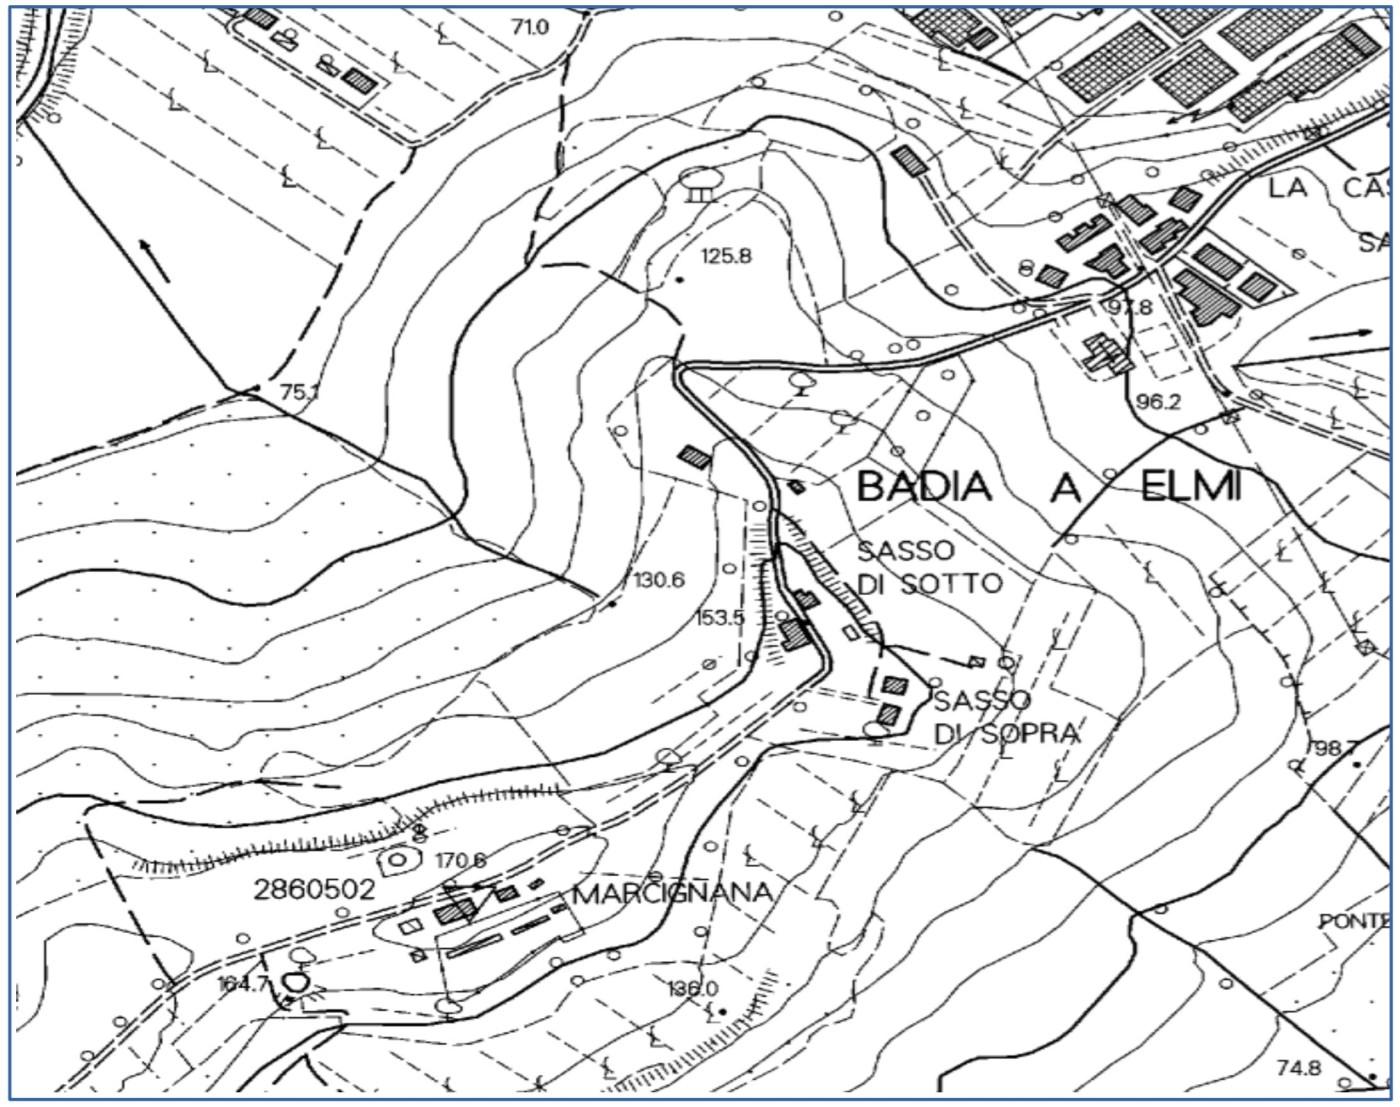 Fig. 15 – estratto della mappa topografica scala 1:10000 relativa all'area di Badia a Elmi da cui si evidenzia la morfologia della zona in cui si trova la località Sasso (da Cartoteca Reg.Toscana)